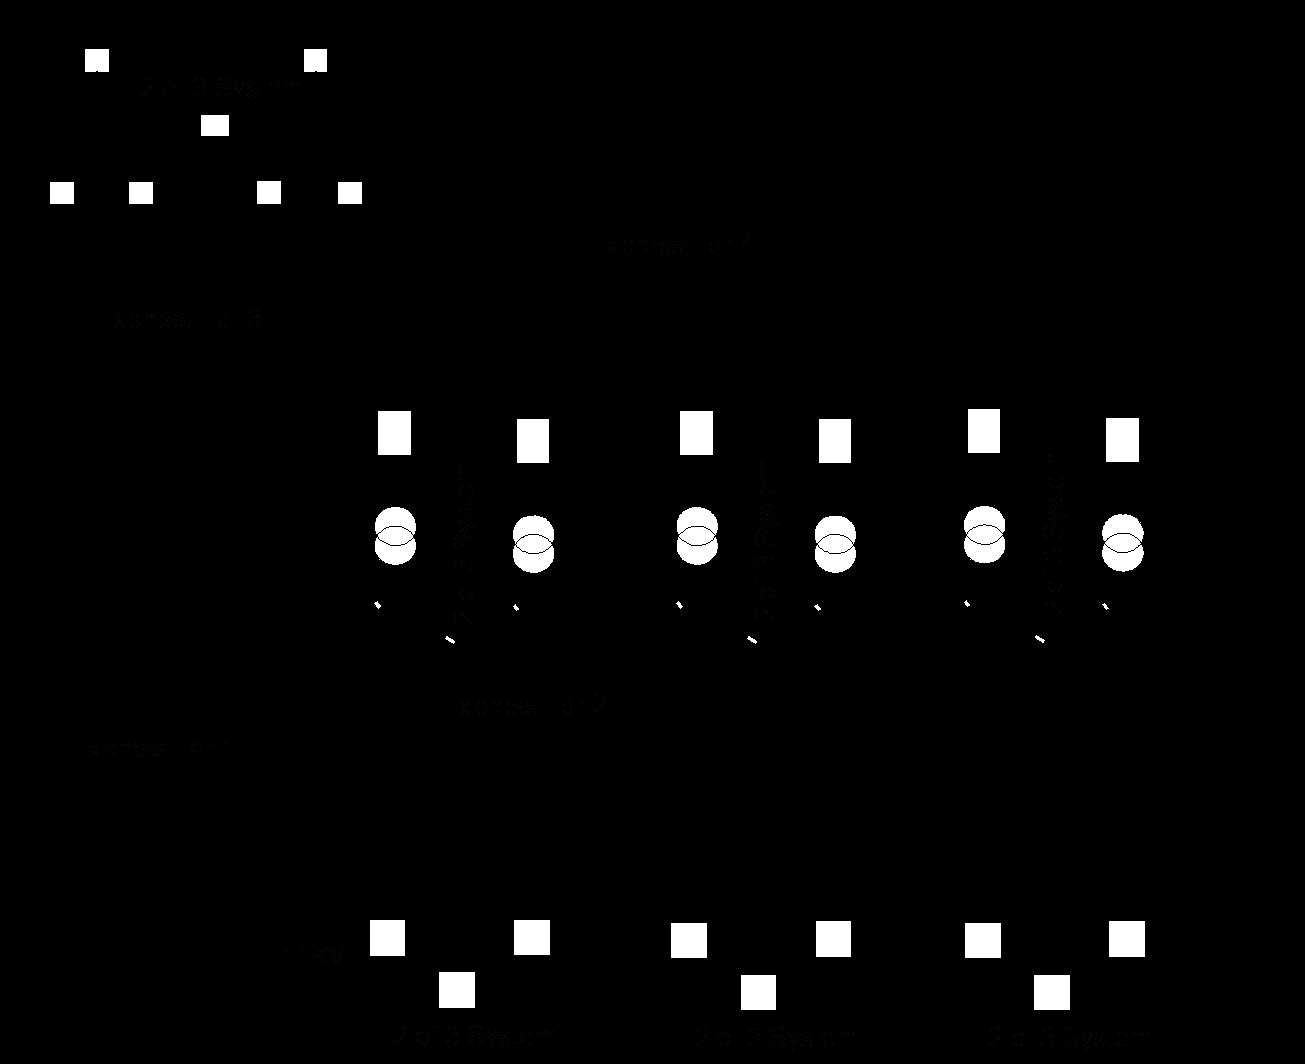 مخطط شبكة توزيع بمغذيين رئيسيين متداخلين